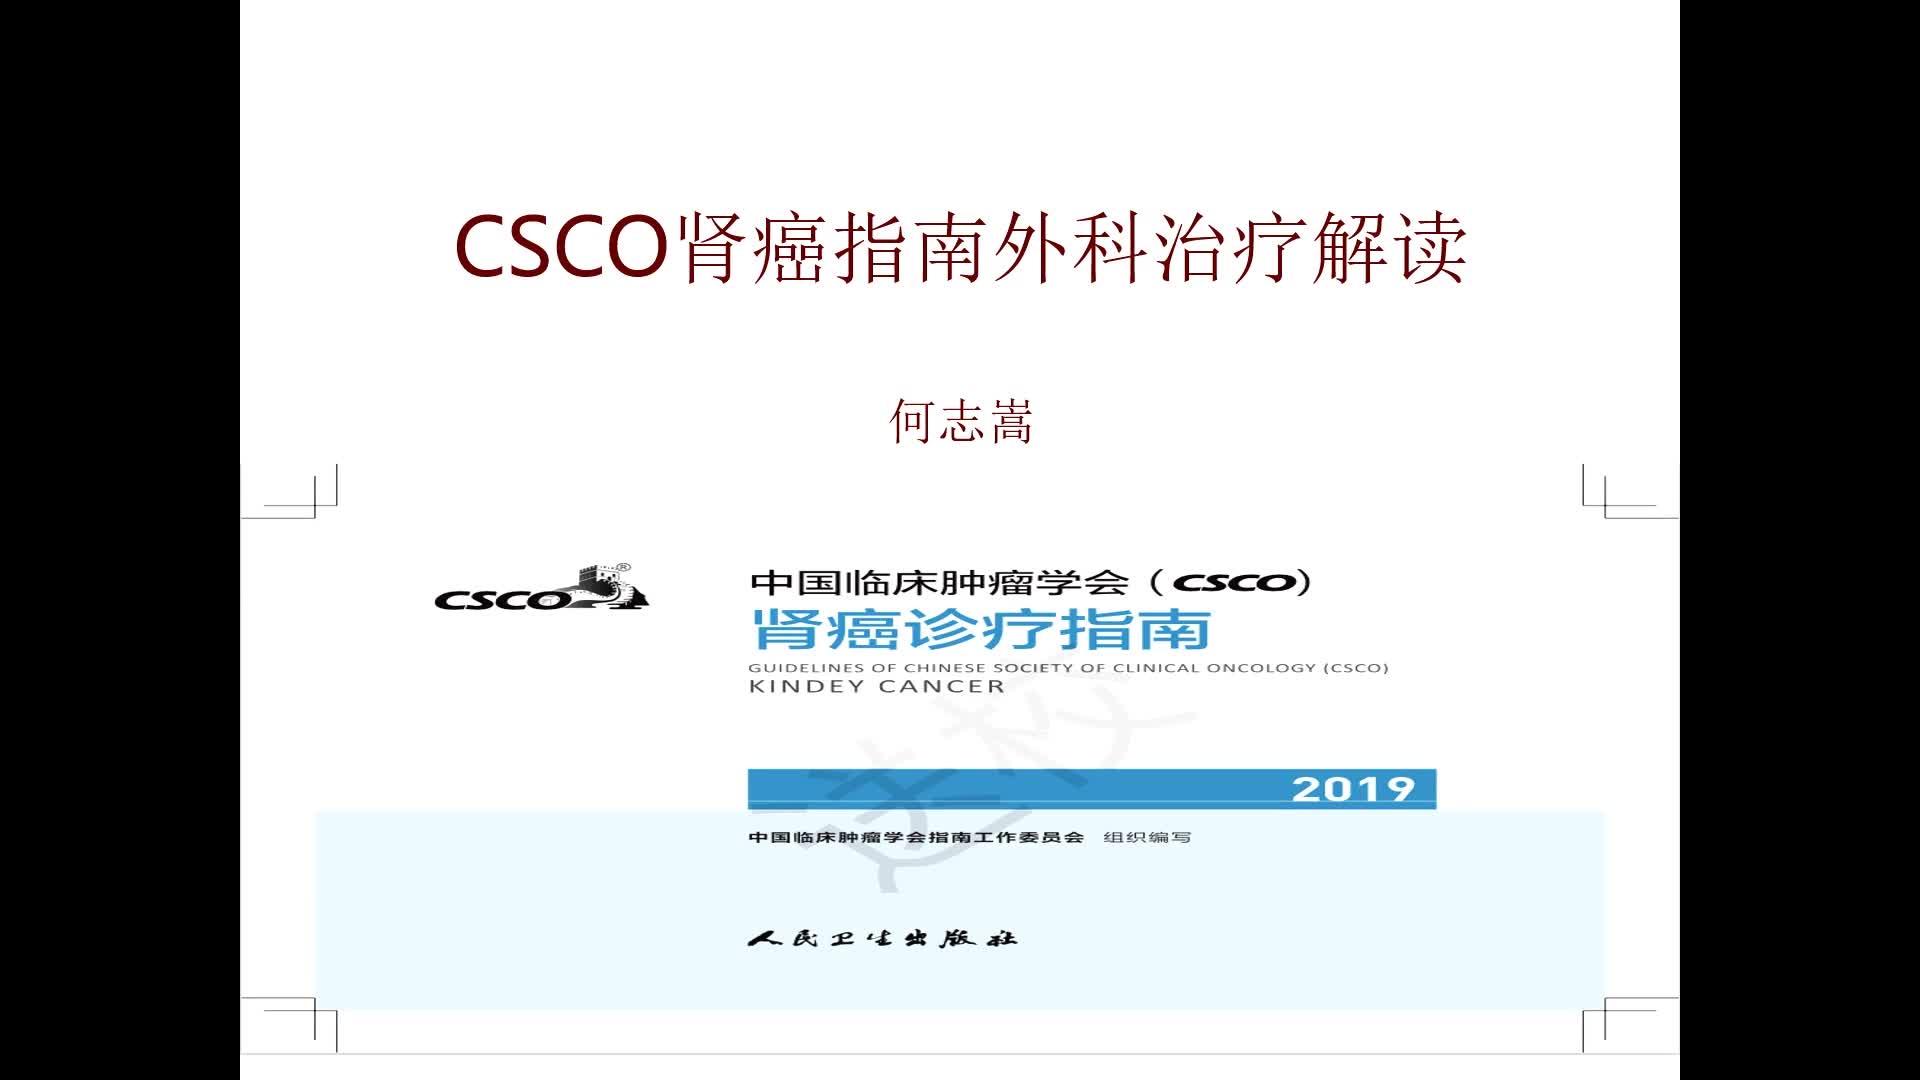 2019CSCO肾癌指南外科治疗解读